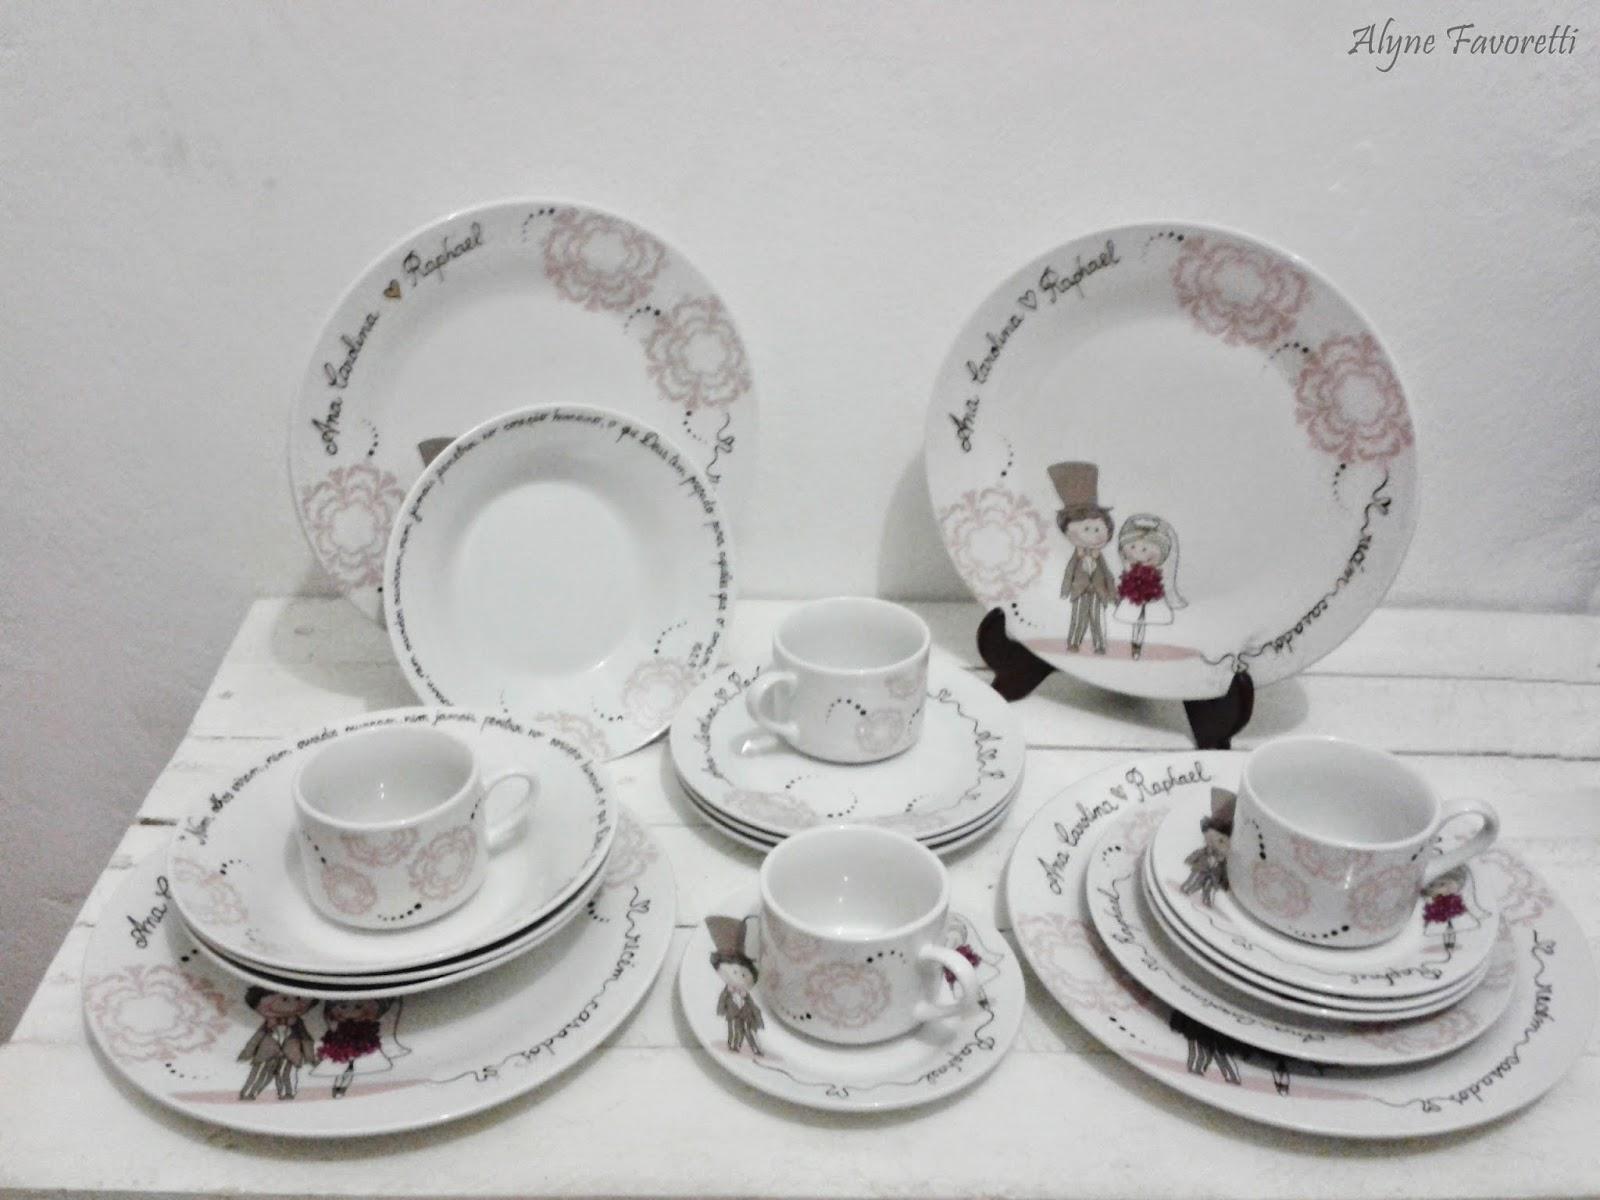 Alyne Favoretti: Aparelho de jantar com noivinhos #5B4948 1600x1200